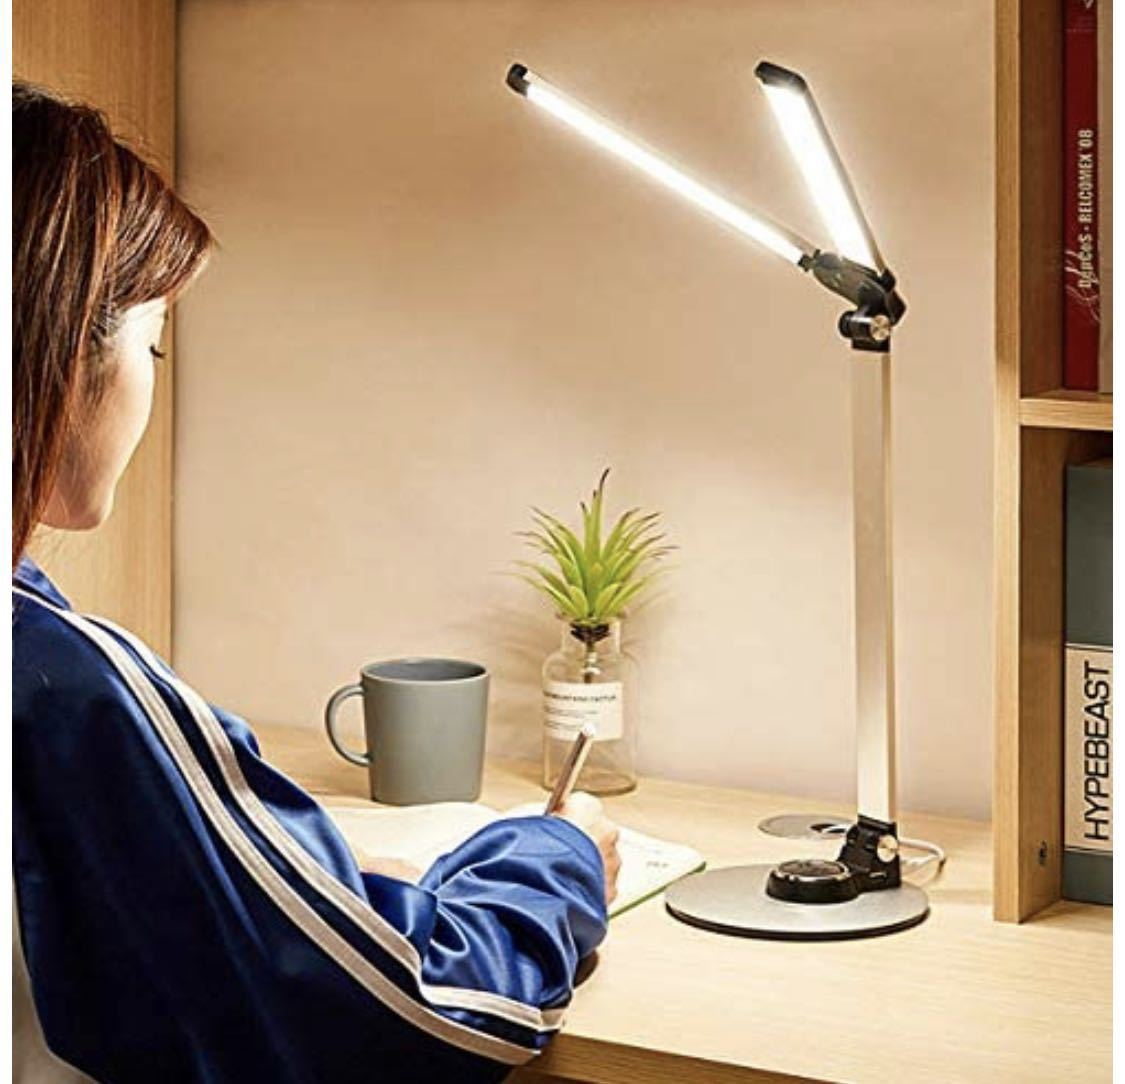 1円 訳あり デスクライト 創優会 LED 目に優しい 電気スタンド USBポート メモリー タッチパネル 学習机 無段階調光 3段階調色 読書 ピンク_画像7